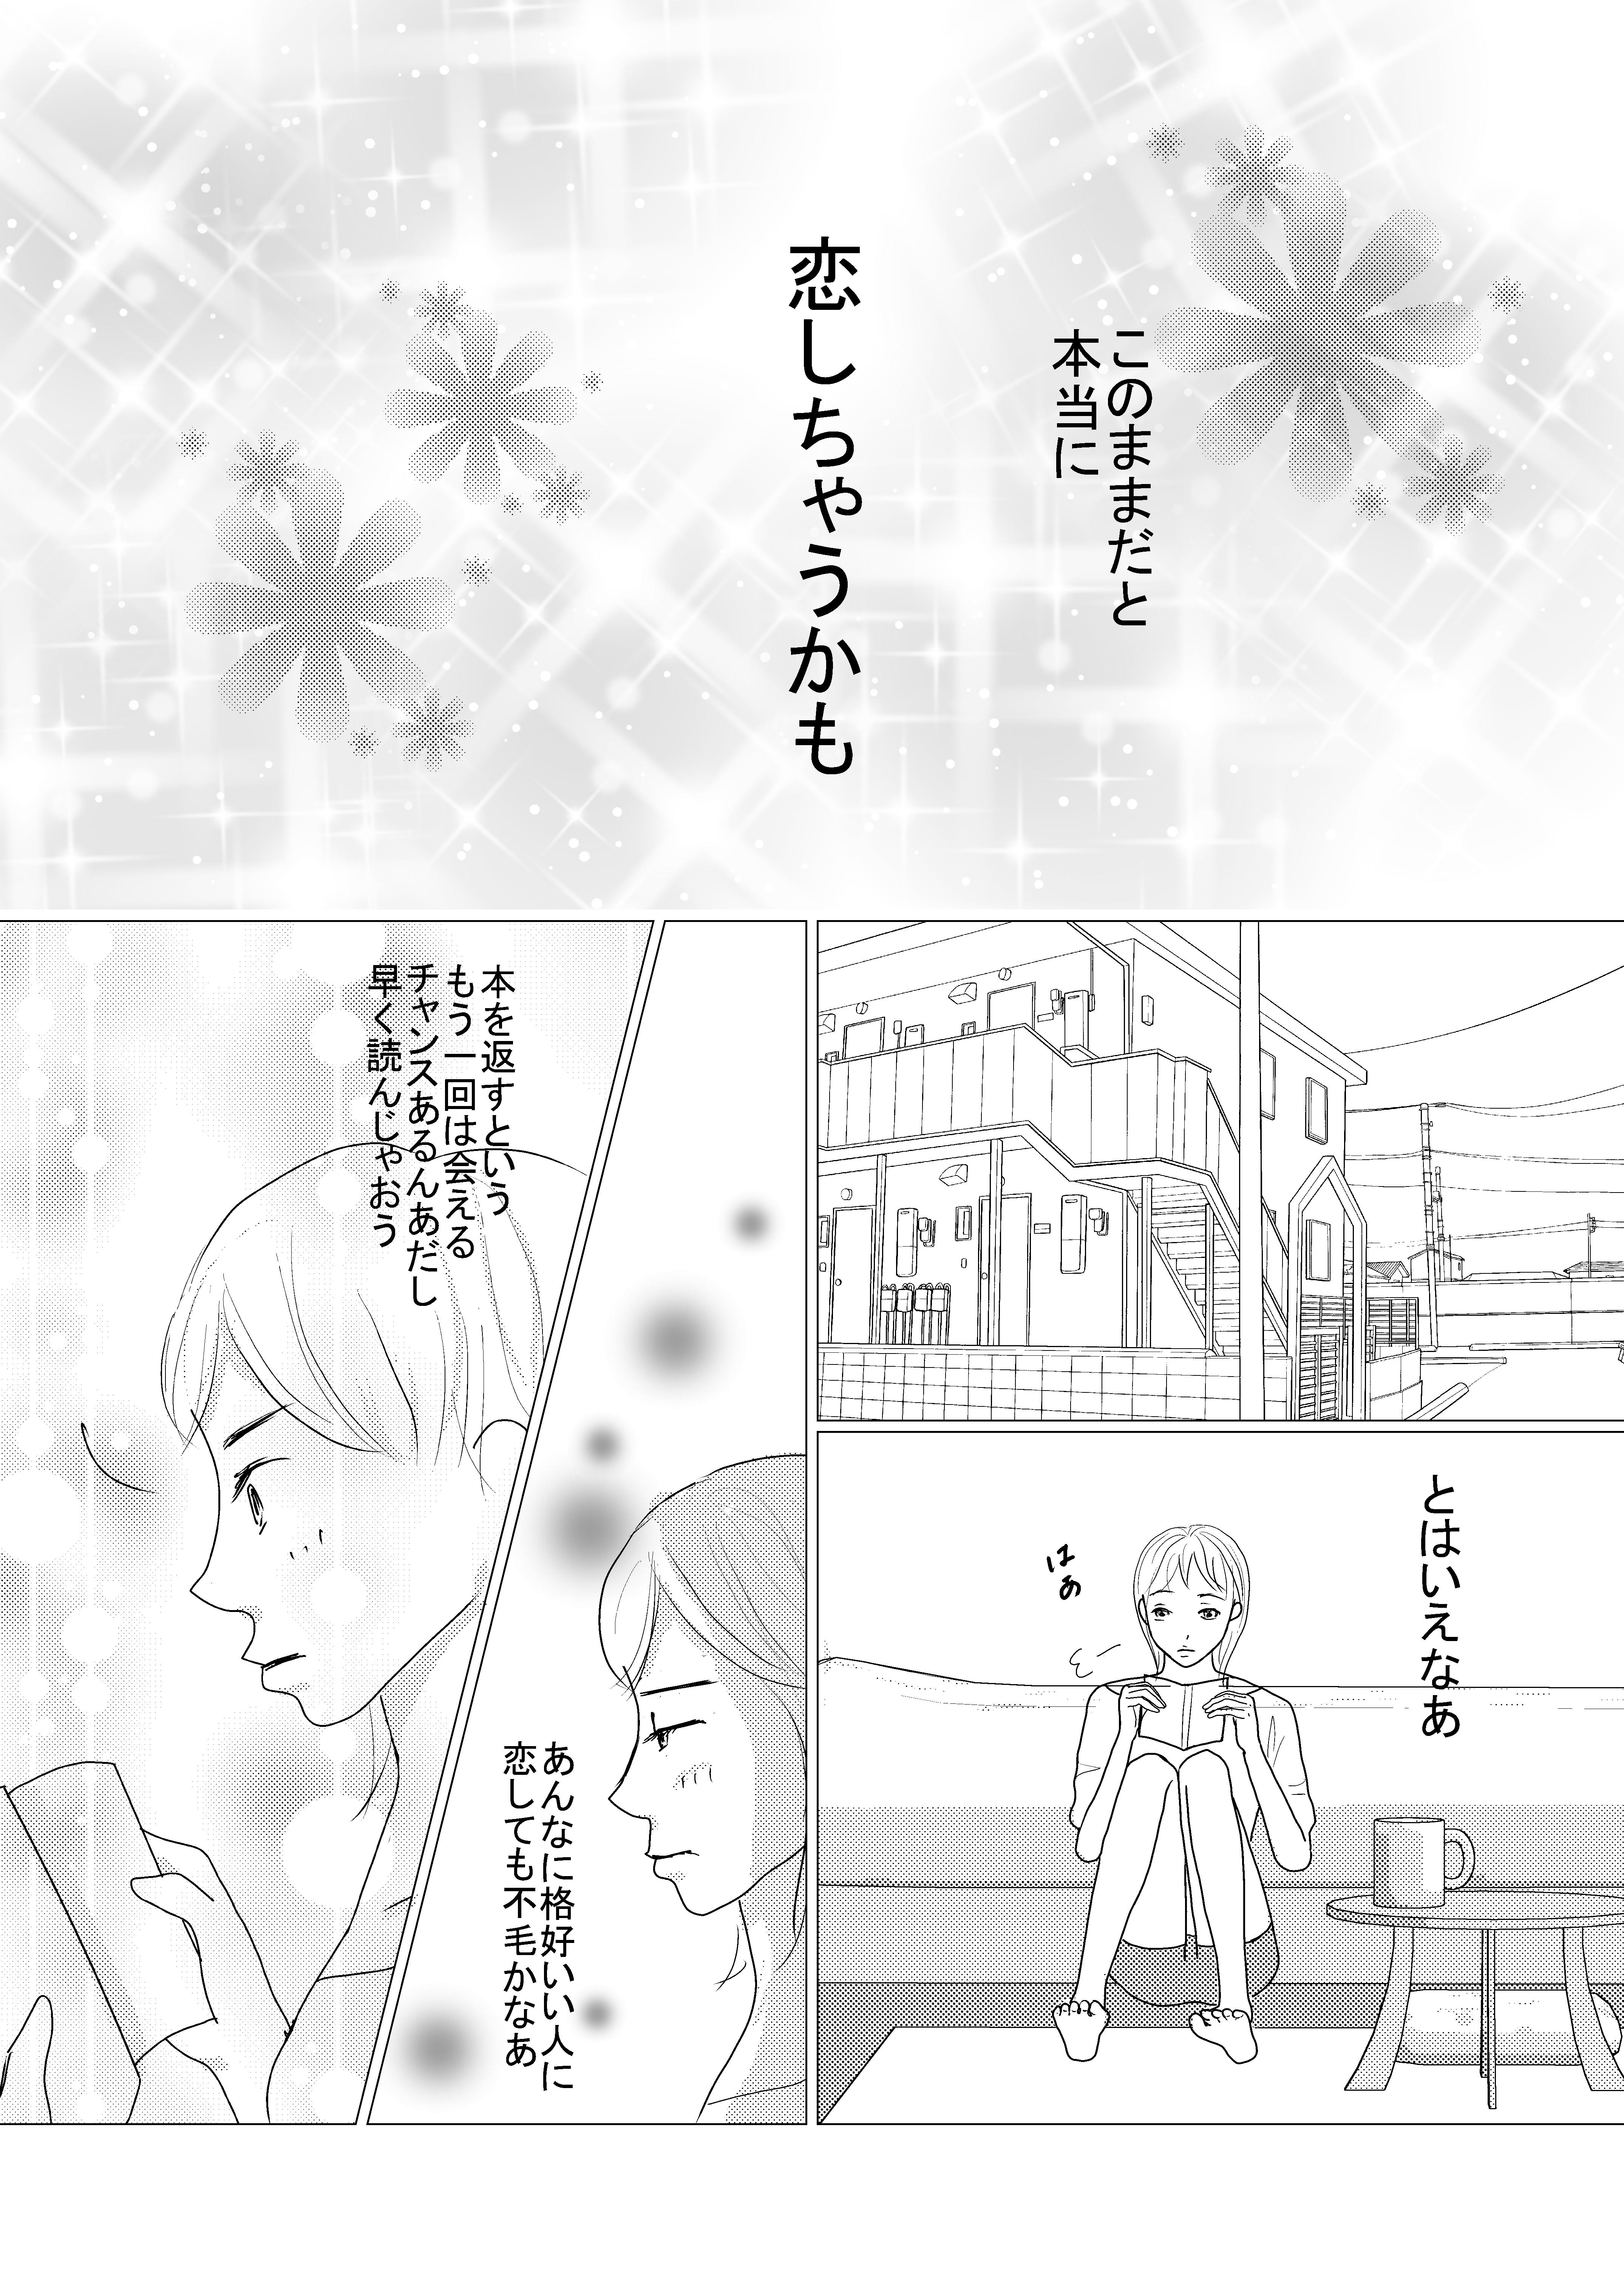 恋愛漫画/大学生/社会人/大学生で初めて付き合う/shoujyo manga/米加夢/39ページ